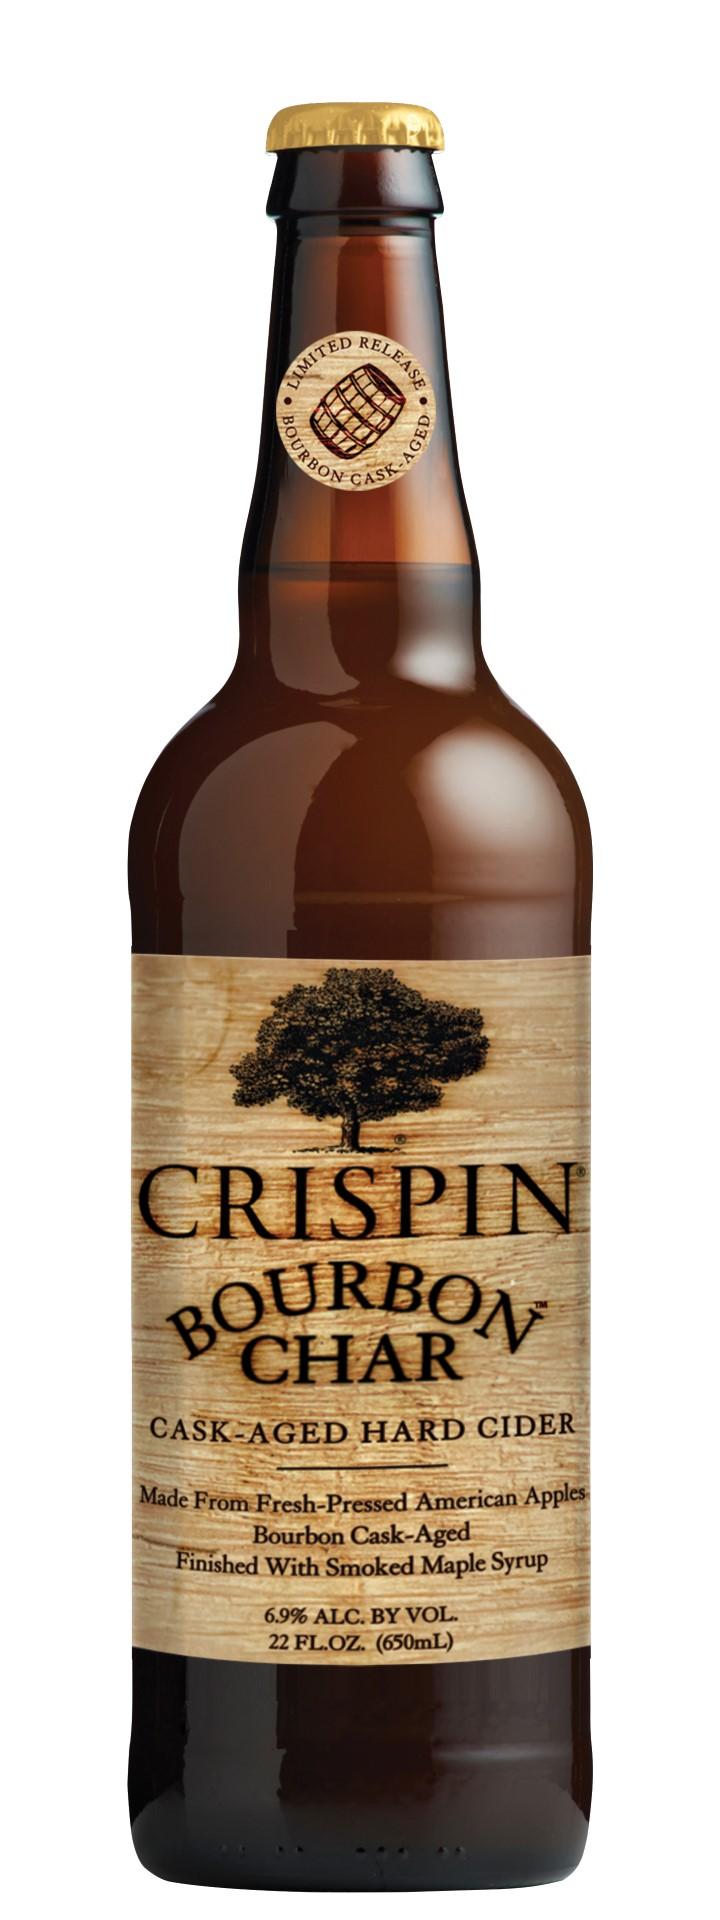 Crispin Bourbon Char Cask-Aged Hard Cider